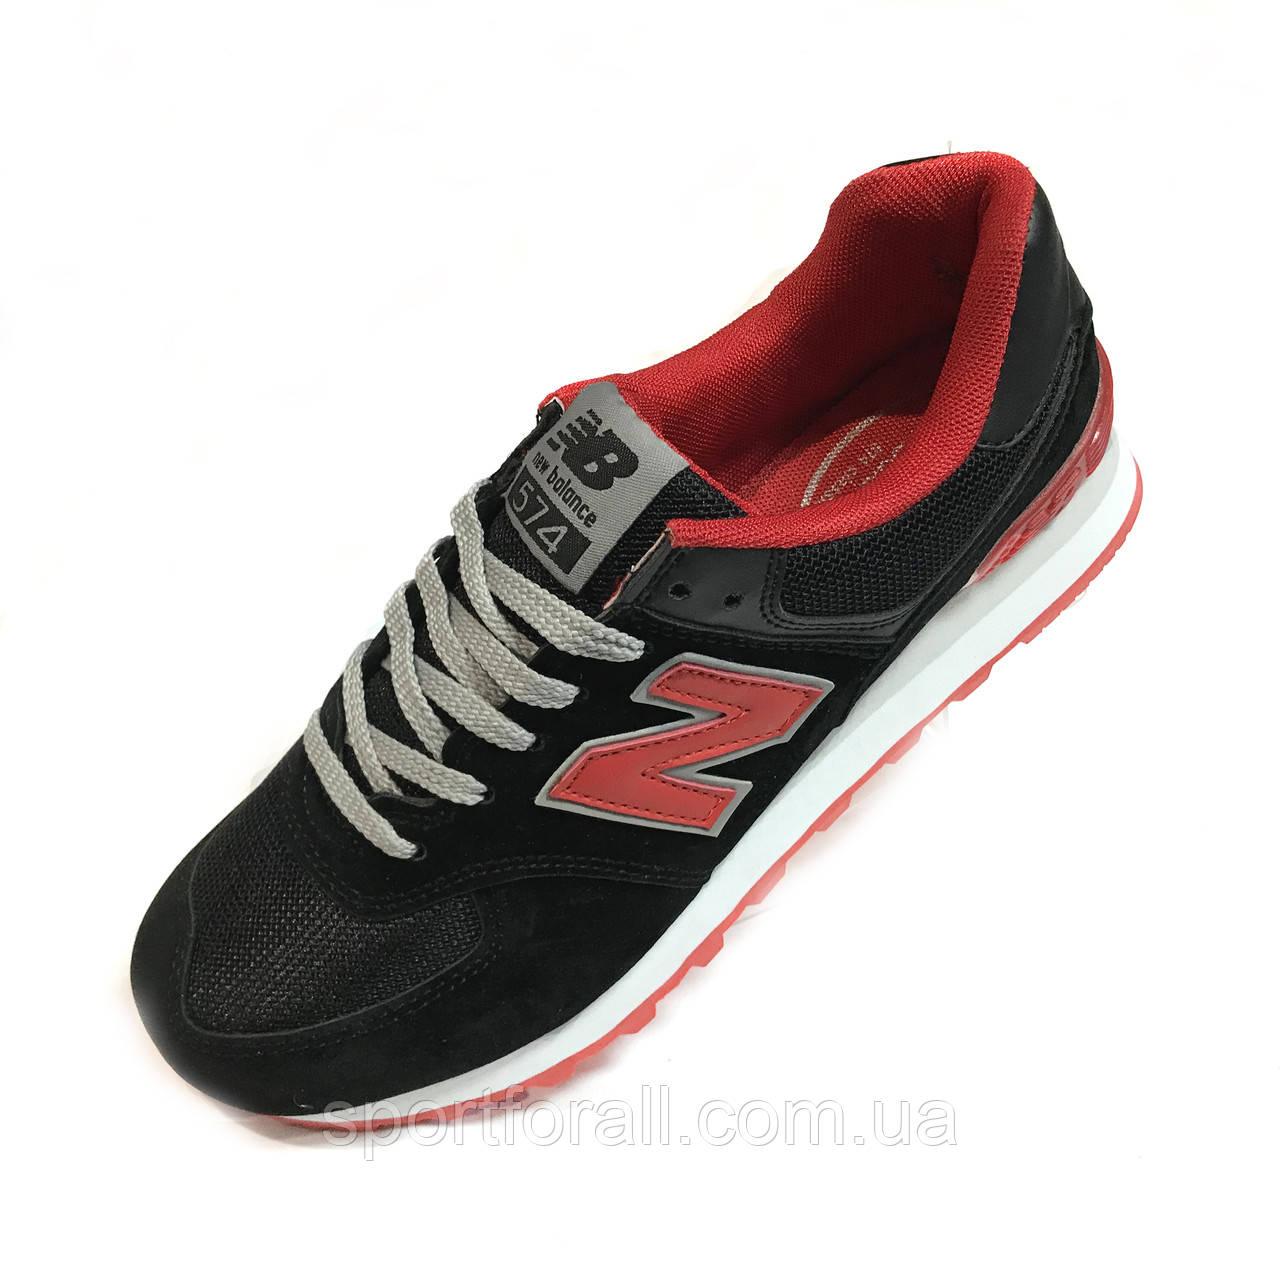 Кросівки підліткові New Balance 574 р. 36-41 B010-1 ZS